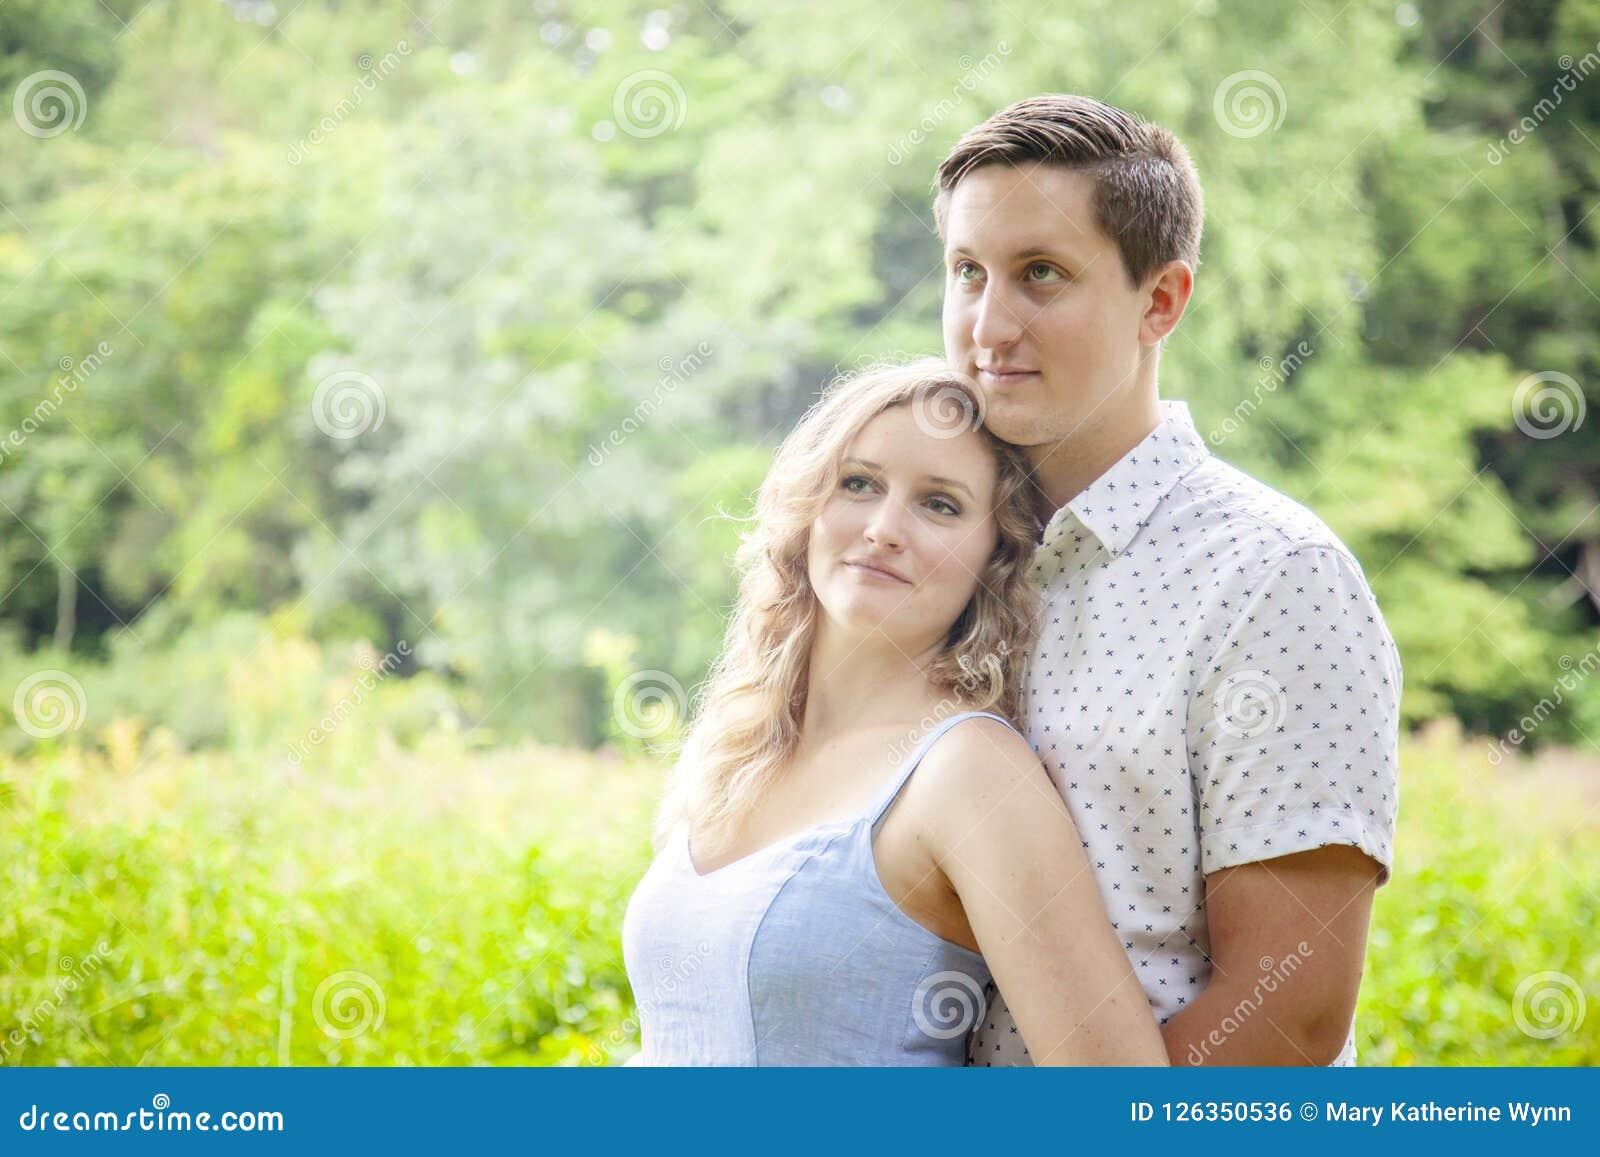 Glückliche Junge schließen Paarporträt draußen